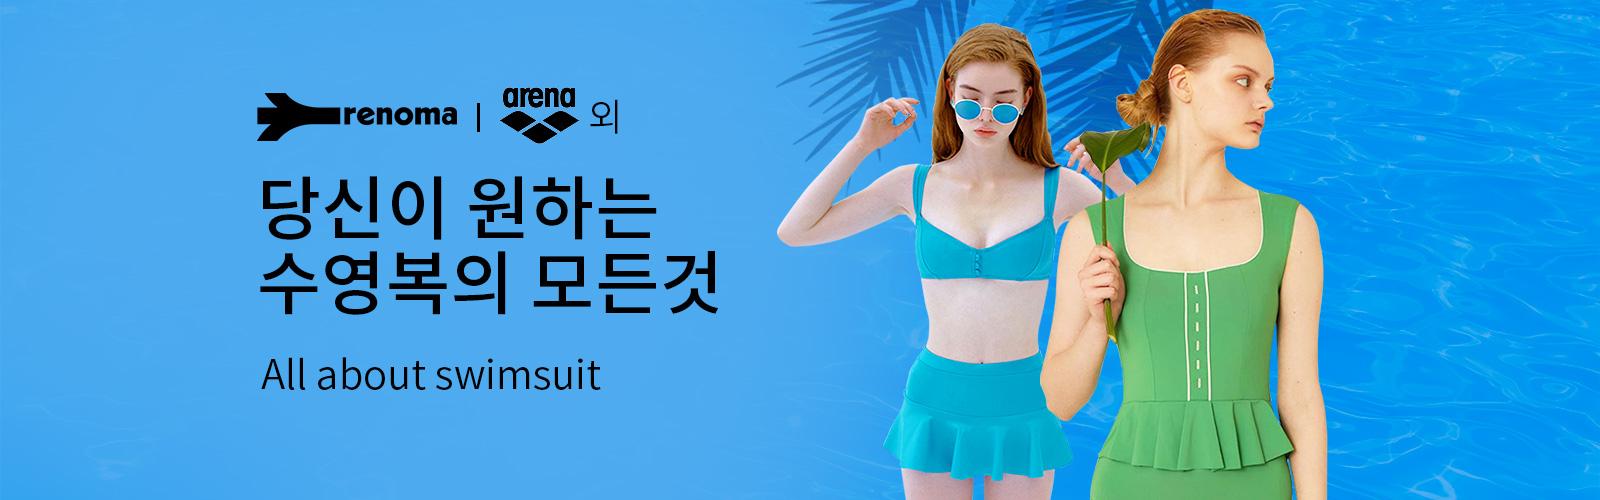 레노마, 아레나 외 당신이 원하는 수영복의 모든것 All about swimsuit